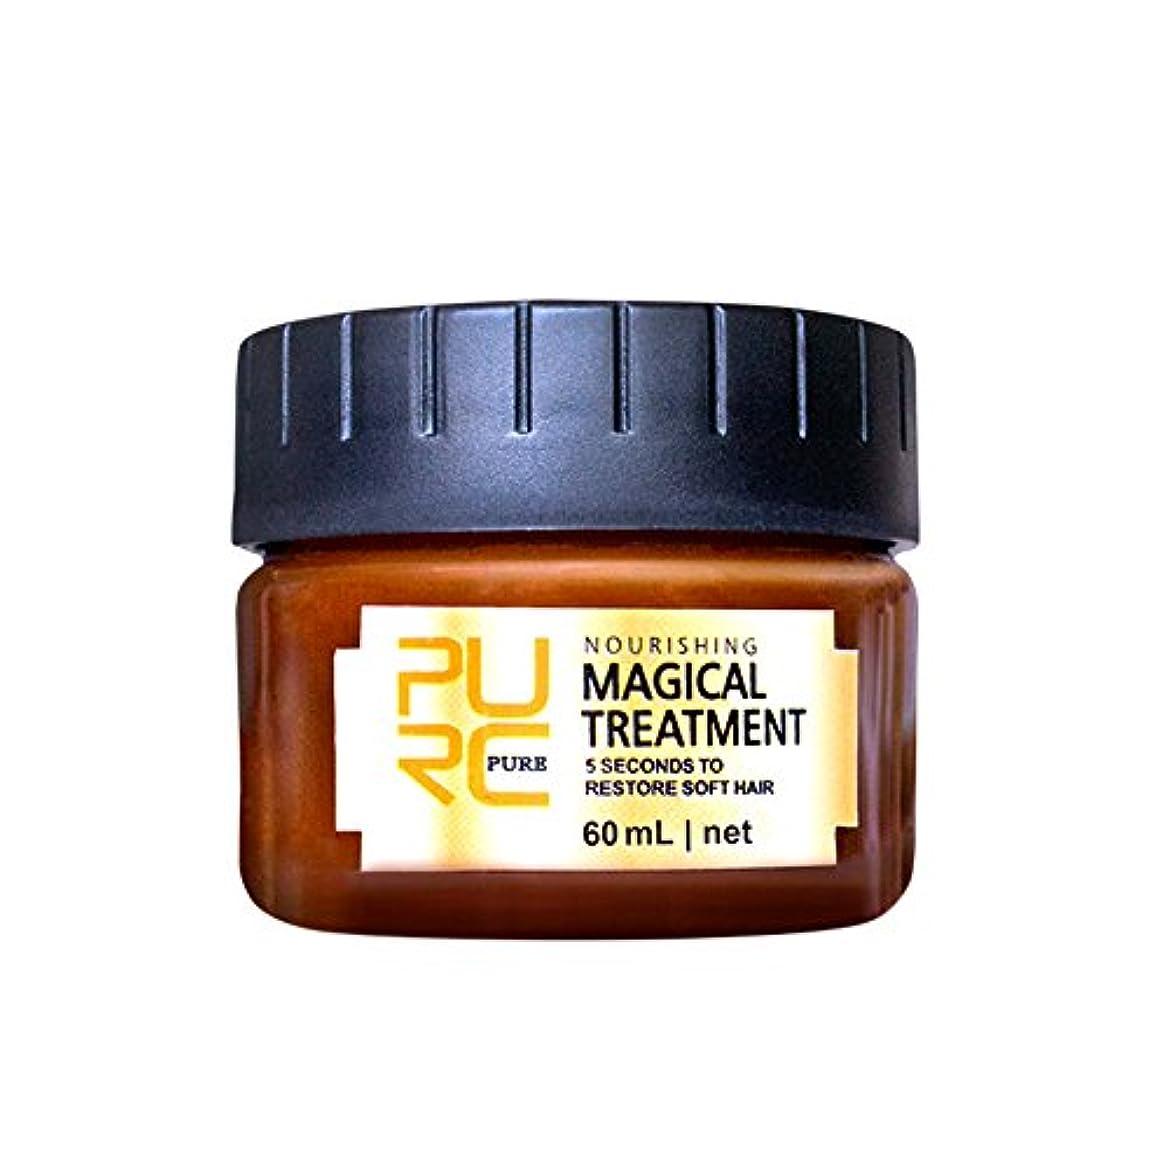 トランスミッション単独で買い手ヘアトリートメント ディープリペア軟膏マスク 髪の栄養素を補う 角質層の保護を強化する 乾燥した髪に適しています 髪を柔らかくつやつやに保ちます 60ml / 120ml (B 60 ml)